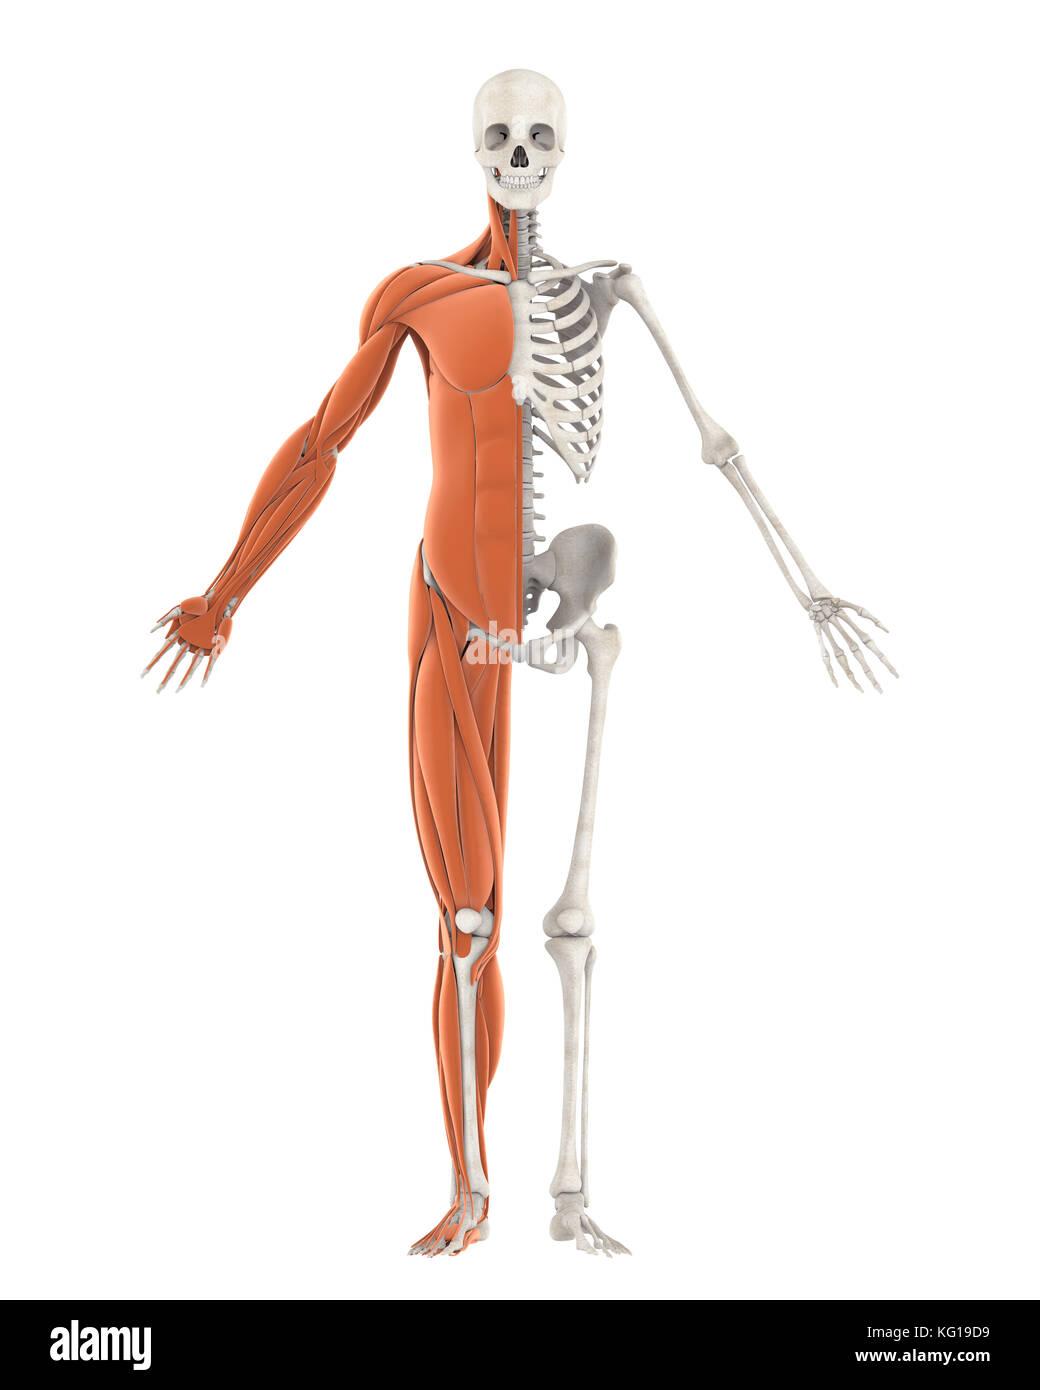 Skeletal Muscle Stockfotos & Skeletal Muscle Bilder - Alamy